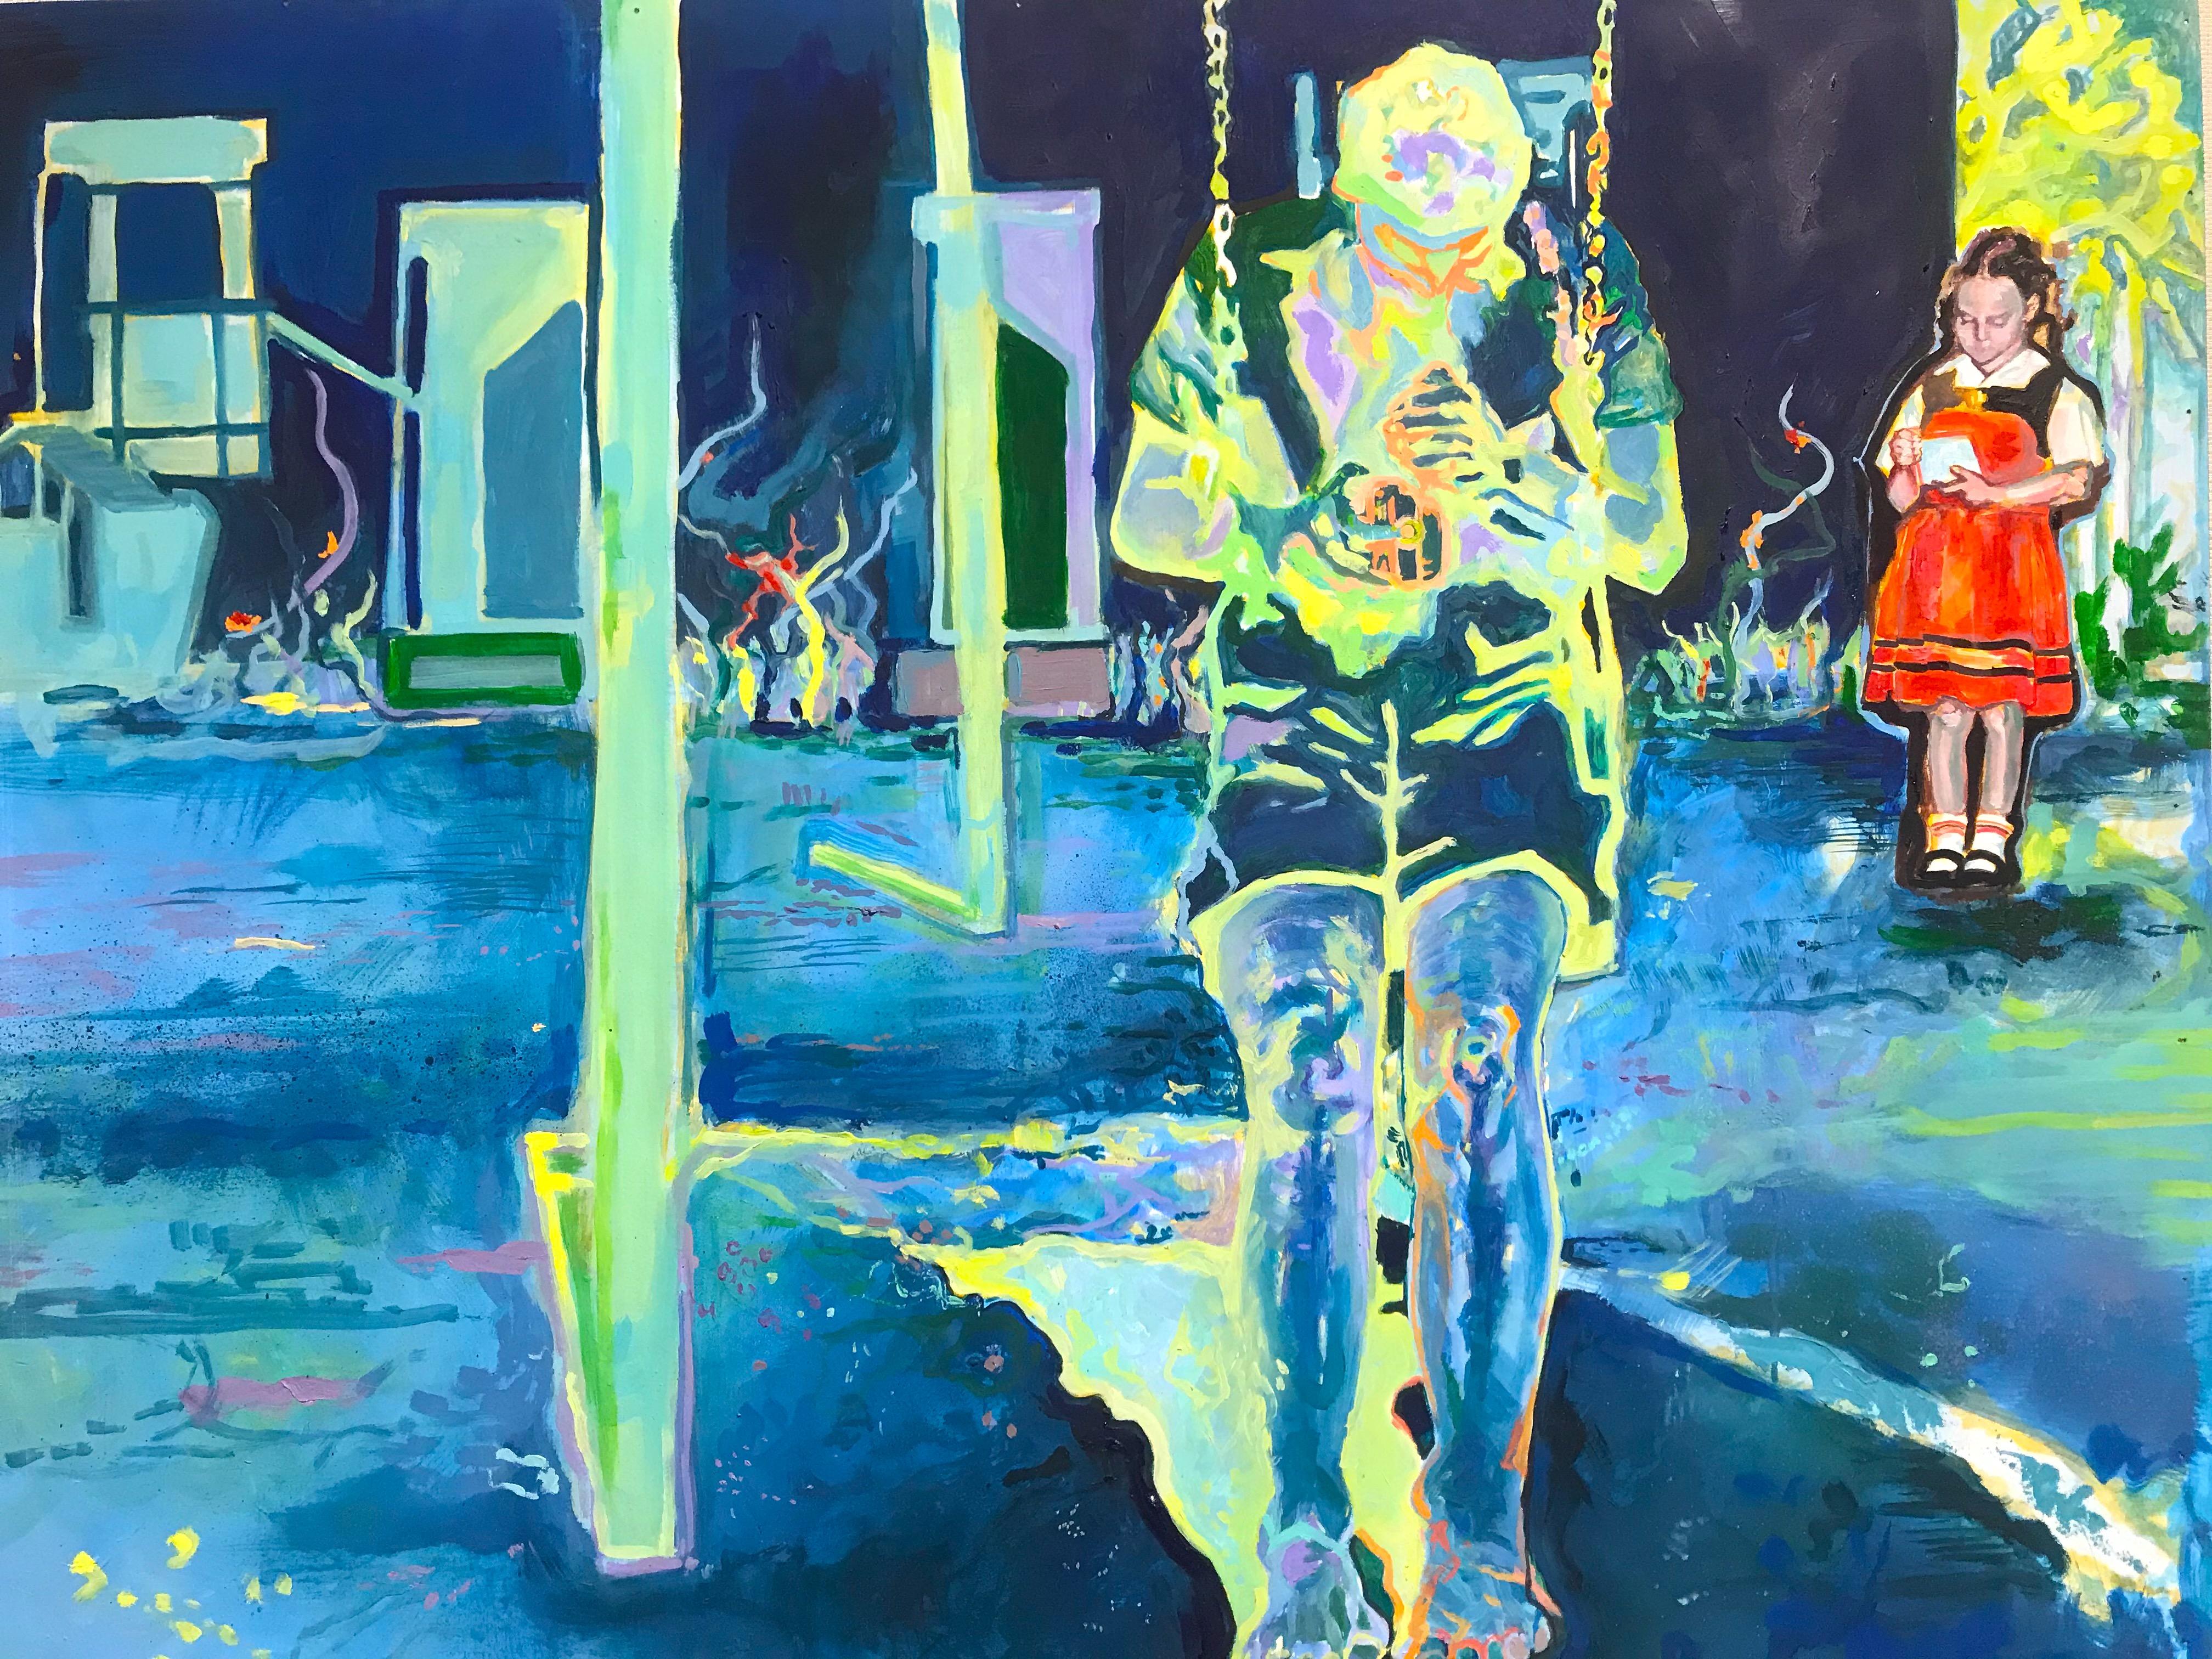 Elizabeth Bosch, Blau Macht mich Traurig, Oil on wood, 80 x 62.5 cm. Image courtesy of the artist.